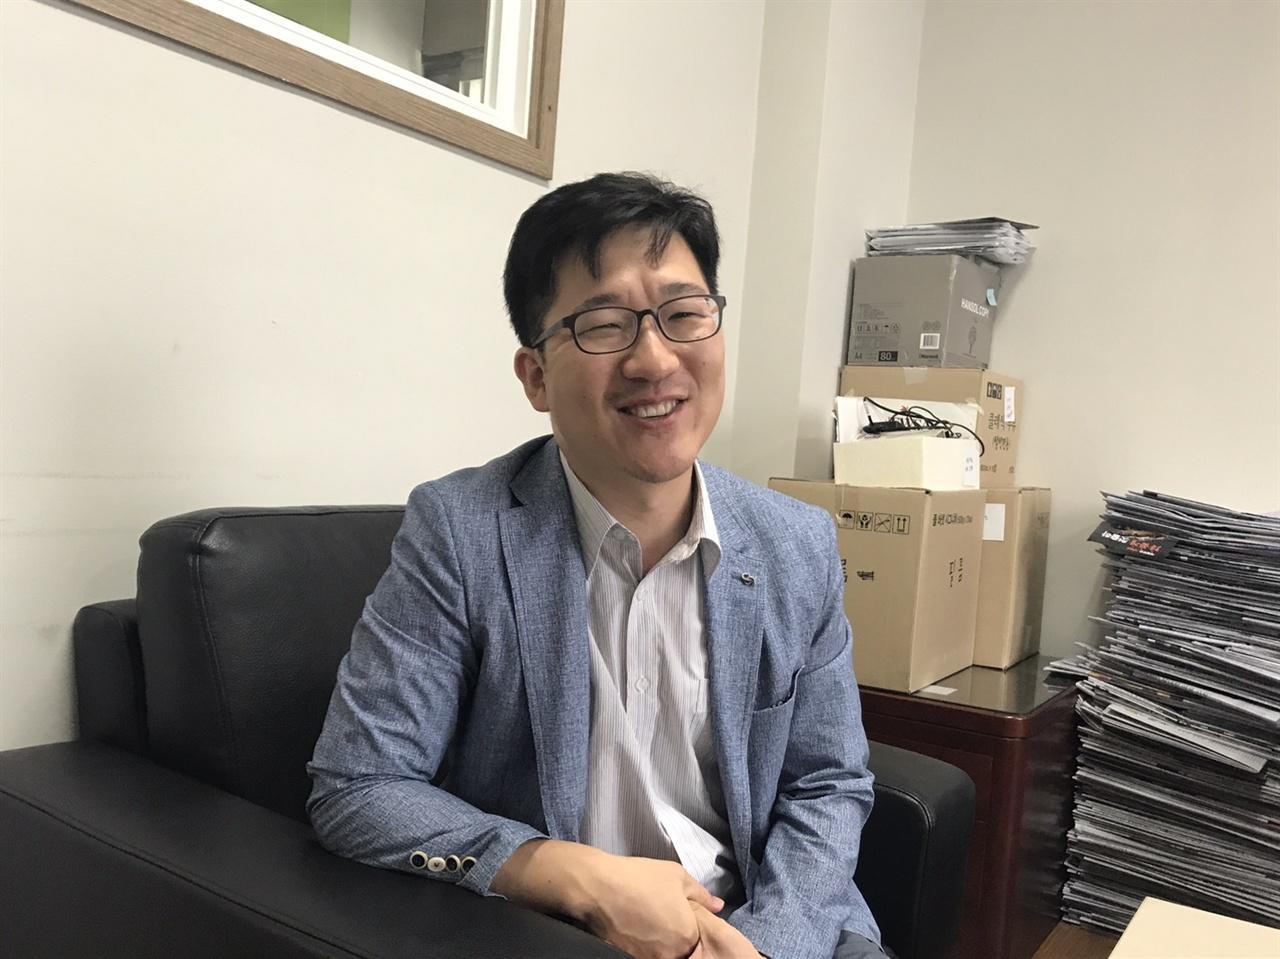 강도현 뉴스앤조이 대표